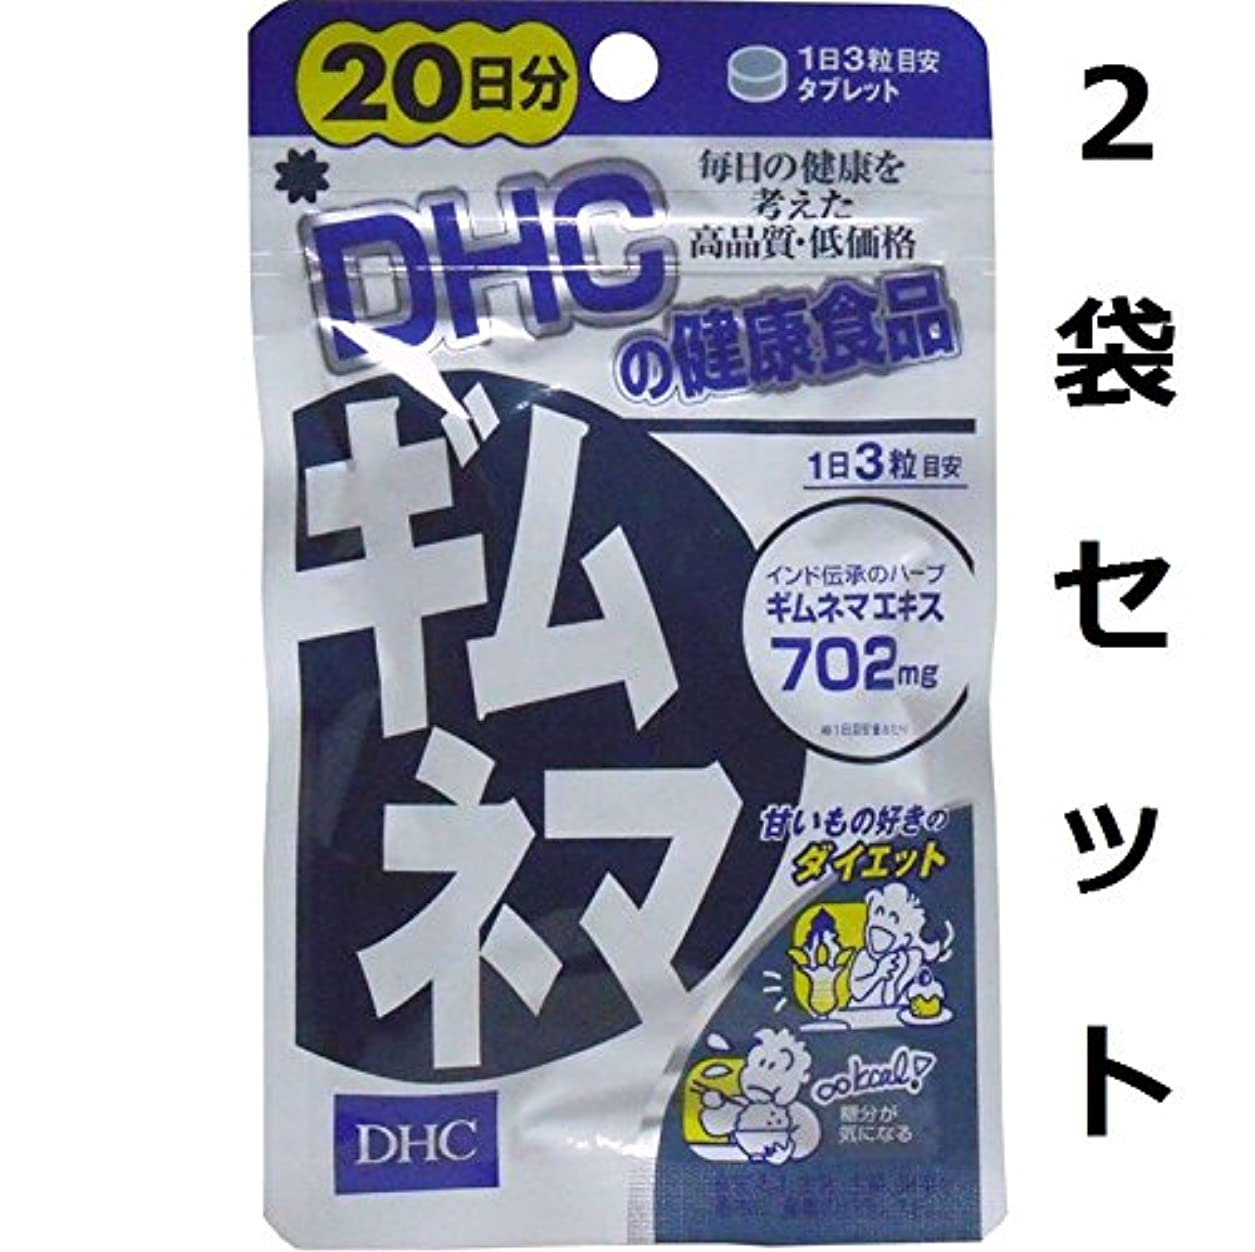 理解する感性成長する糖分や炭水化物を多く摂る人に DHC ギムネマ 20日分 60粒 2袋セット